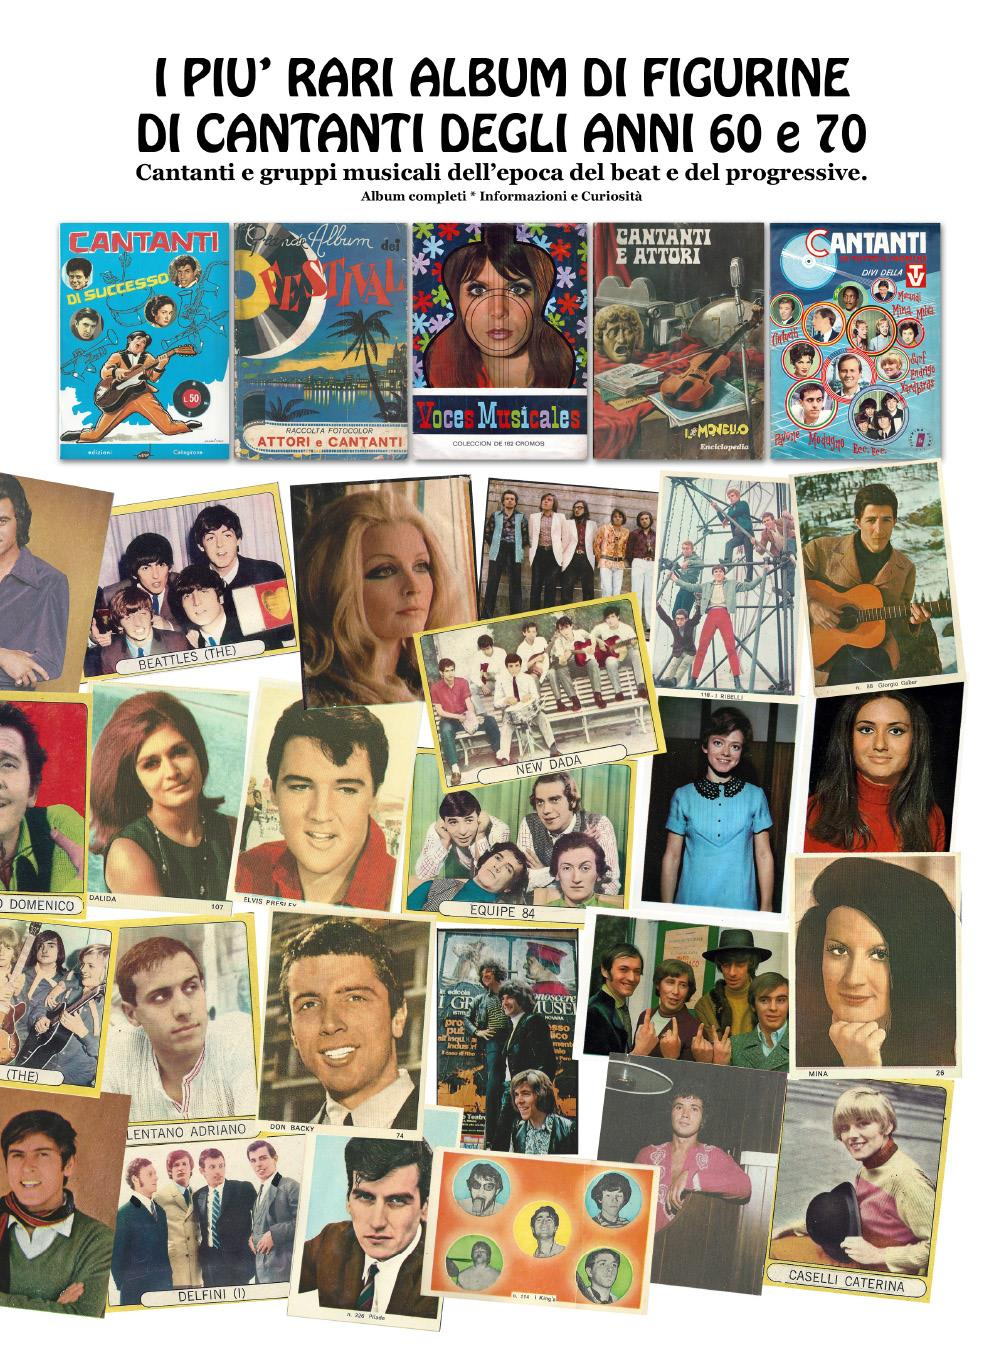 I più rari album di figurine di cantanti degli anni 60 e 70 - Cantanti e gruppi musicali dell'epoca beat e progressive